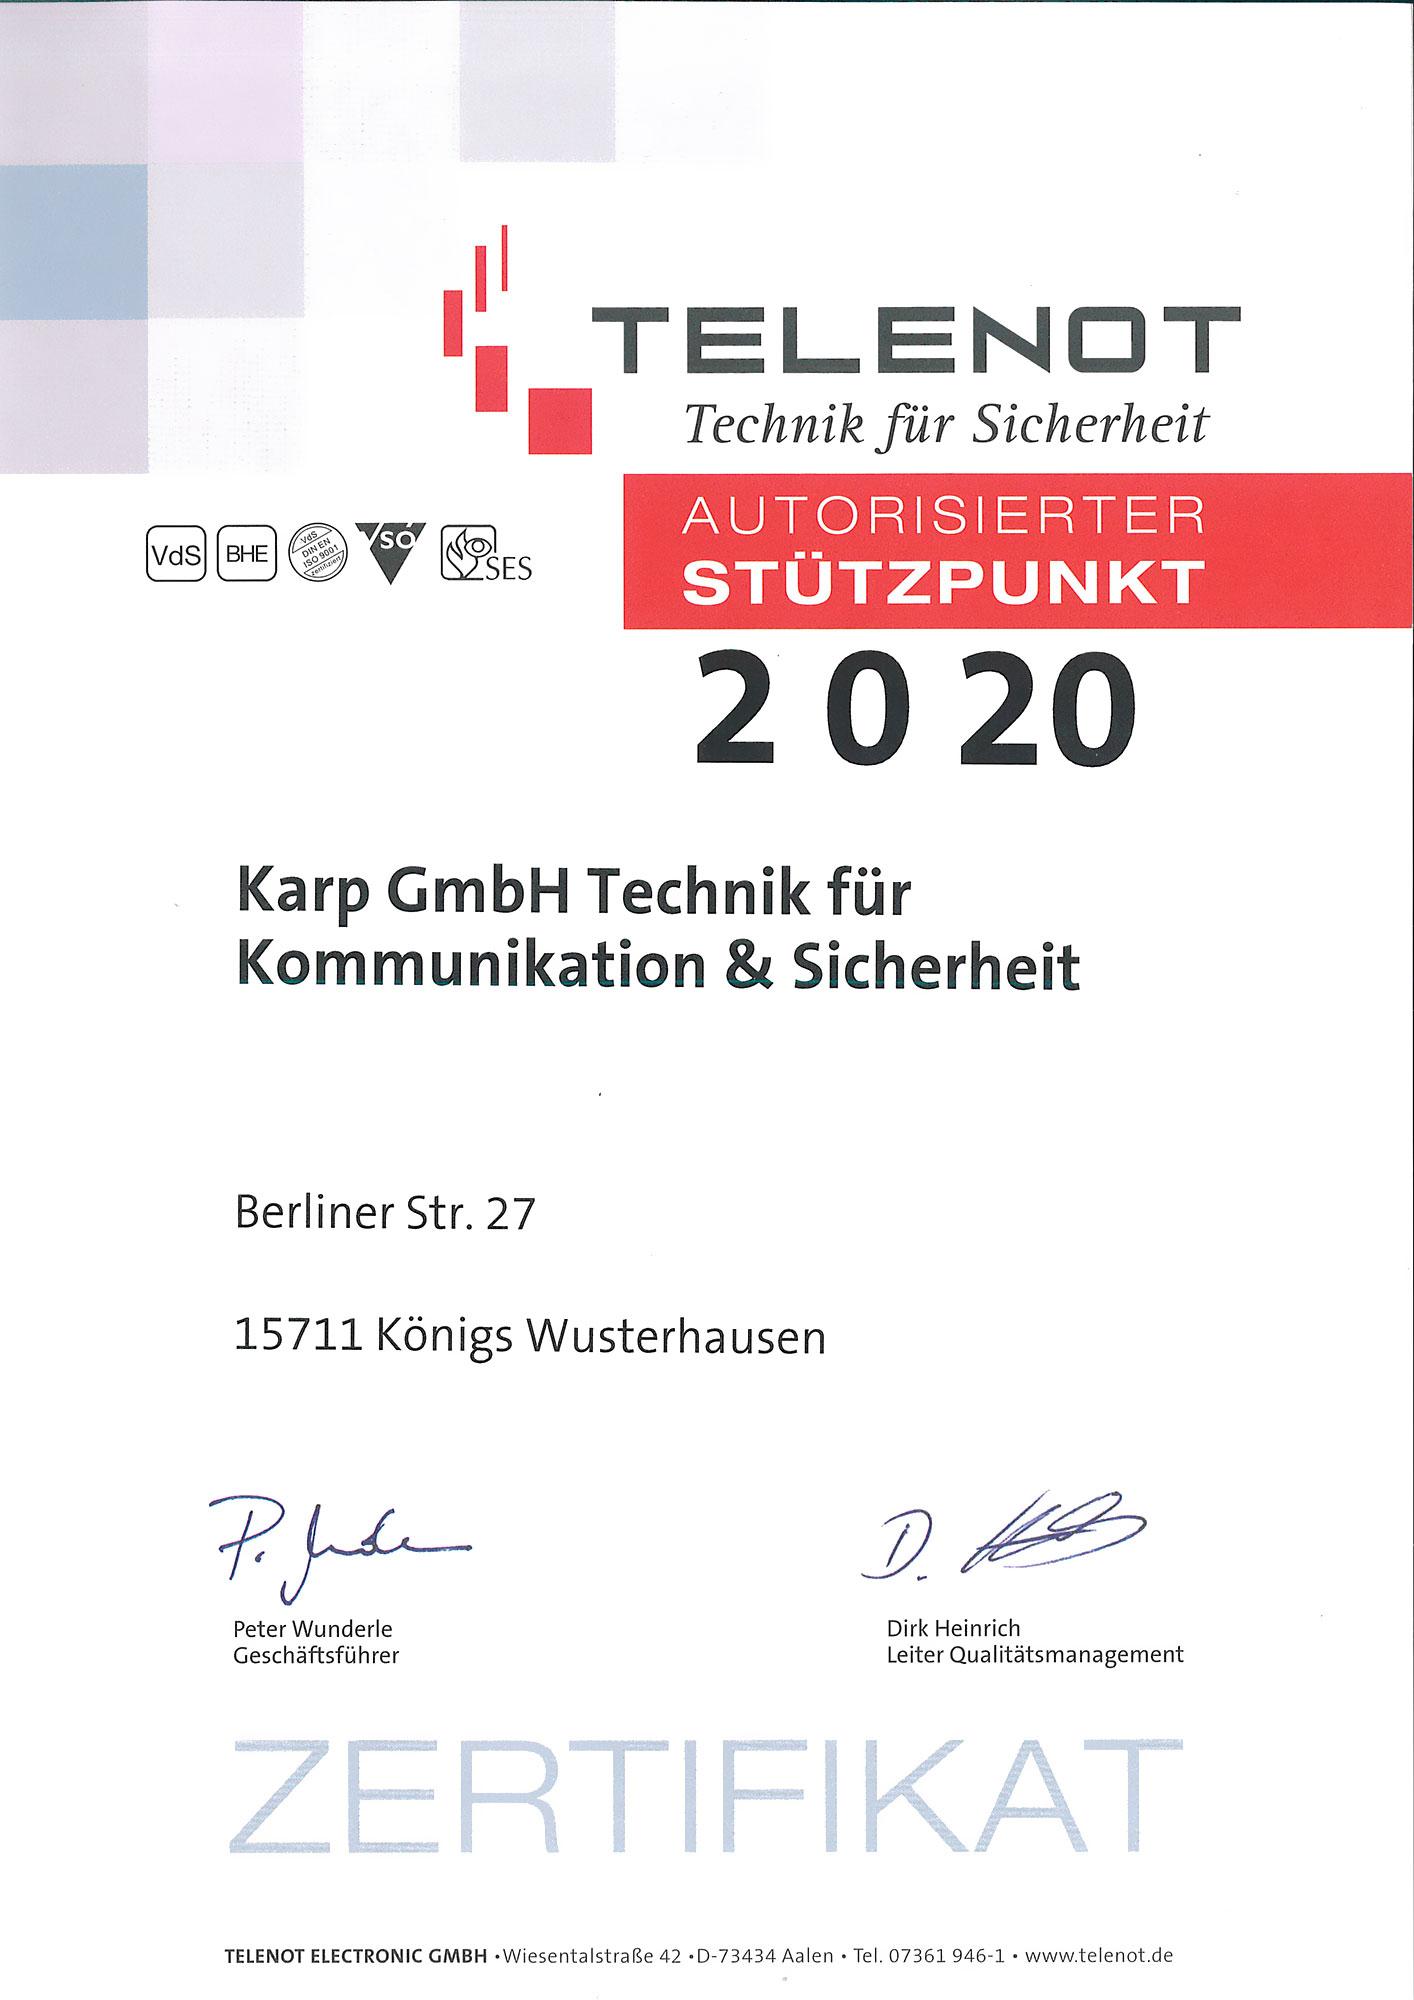 Zertifikat Telenot Stützpunkt 2020